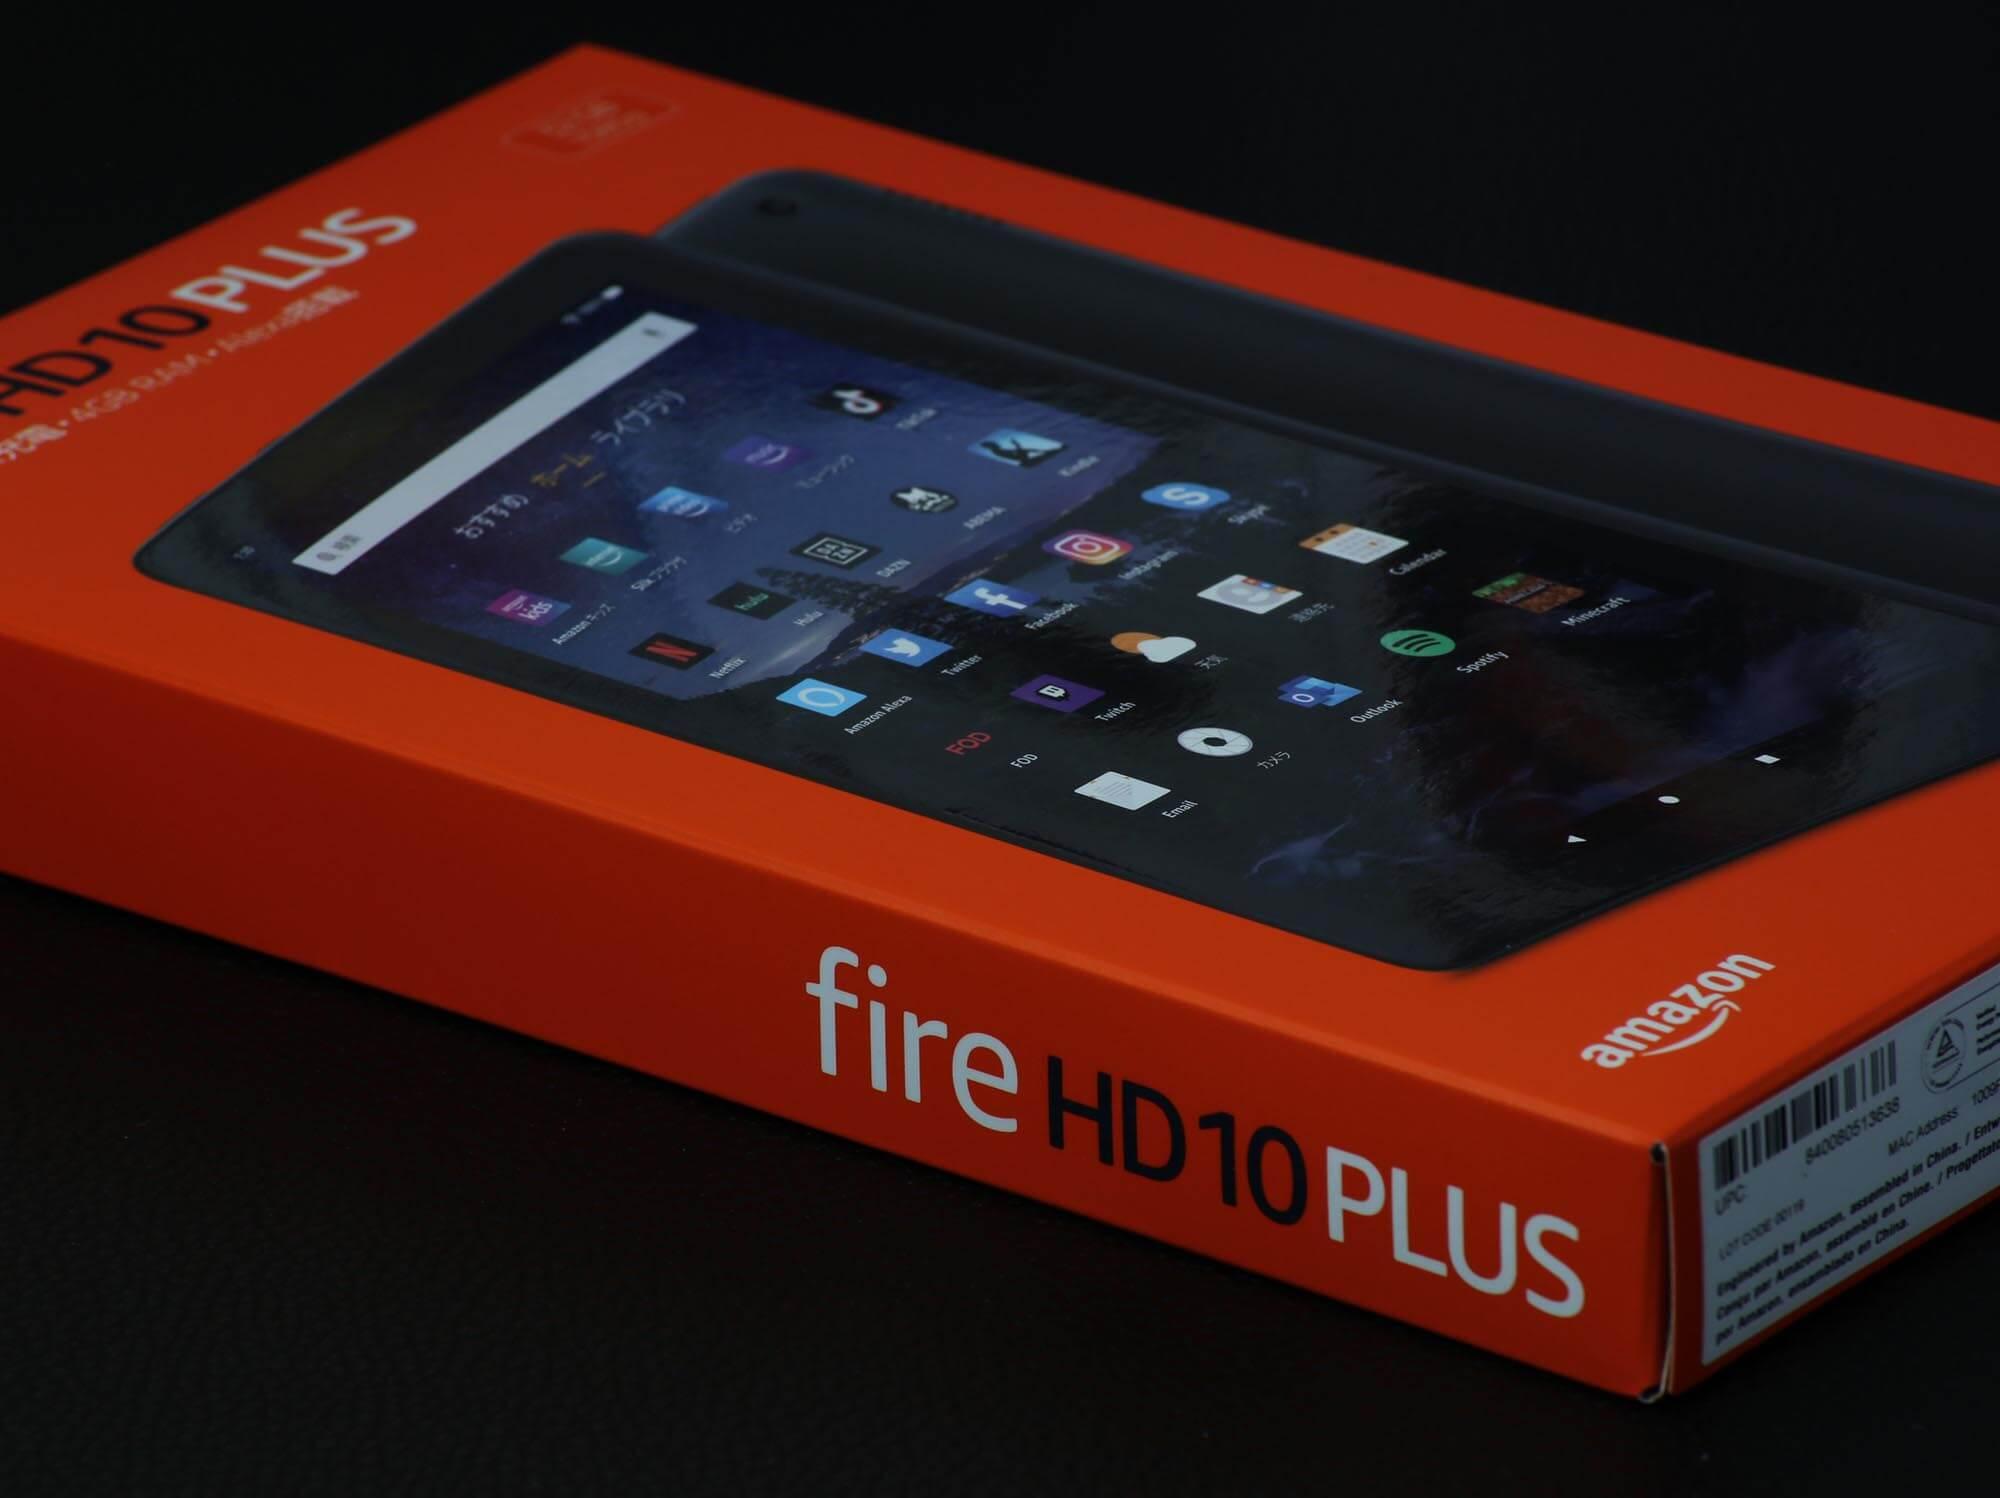 Fire HD 10 Plusのパッケージ